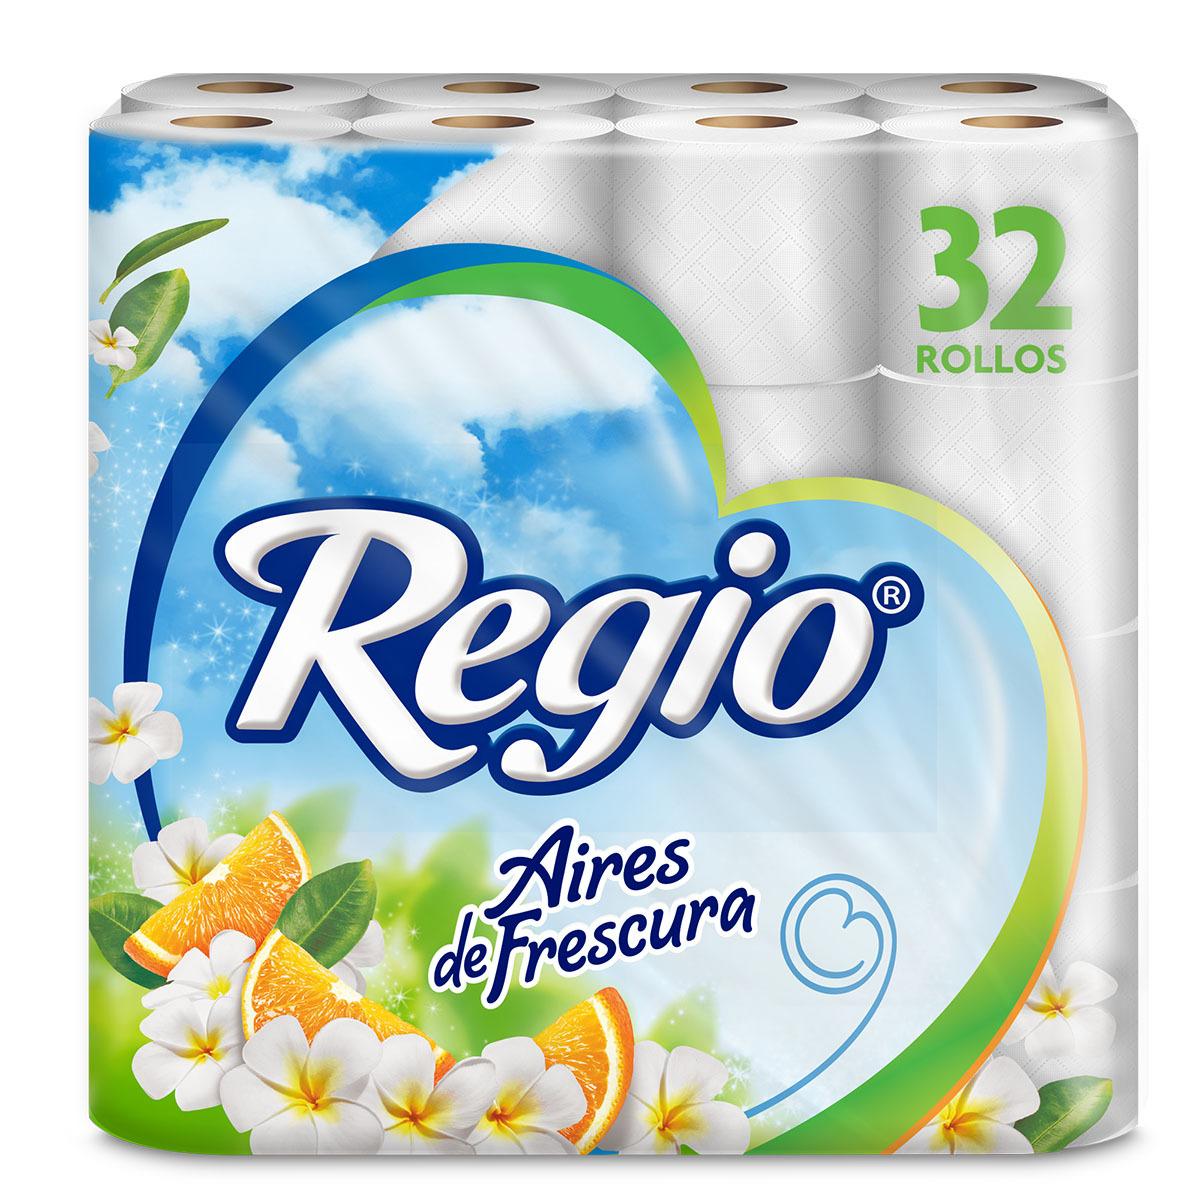 Chedraui en linea: Regio Aires De Frescura 32 Piezas ( Para los que no alcanzaron a comprar en amazon) 200 hojas dobles 2.8$ c/u